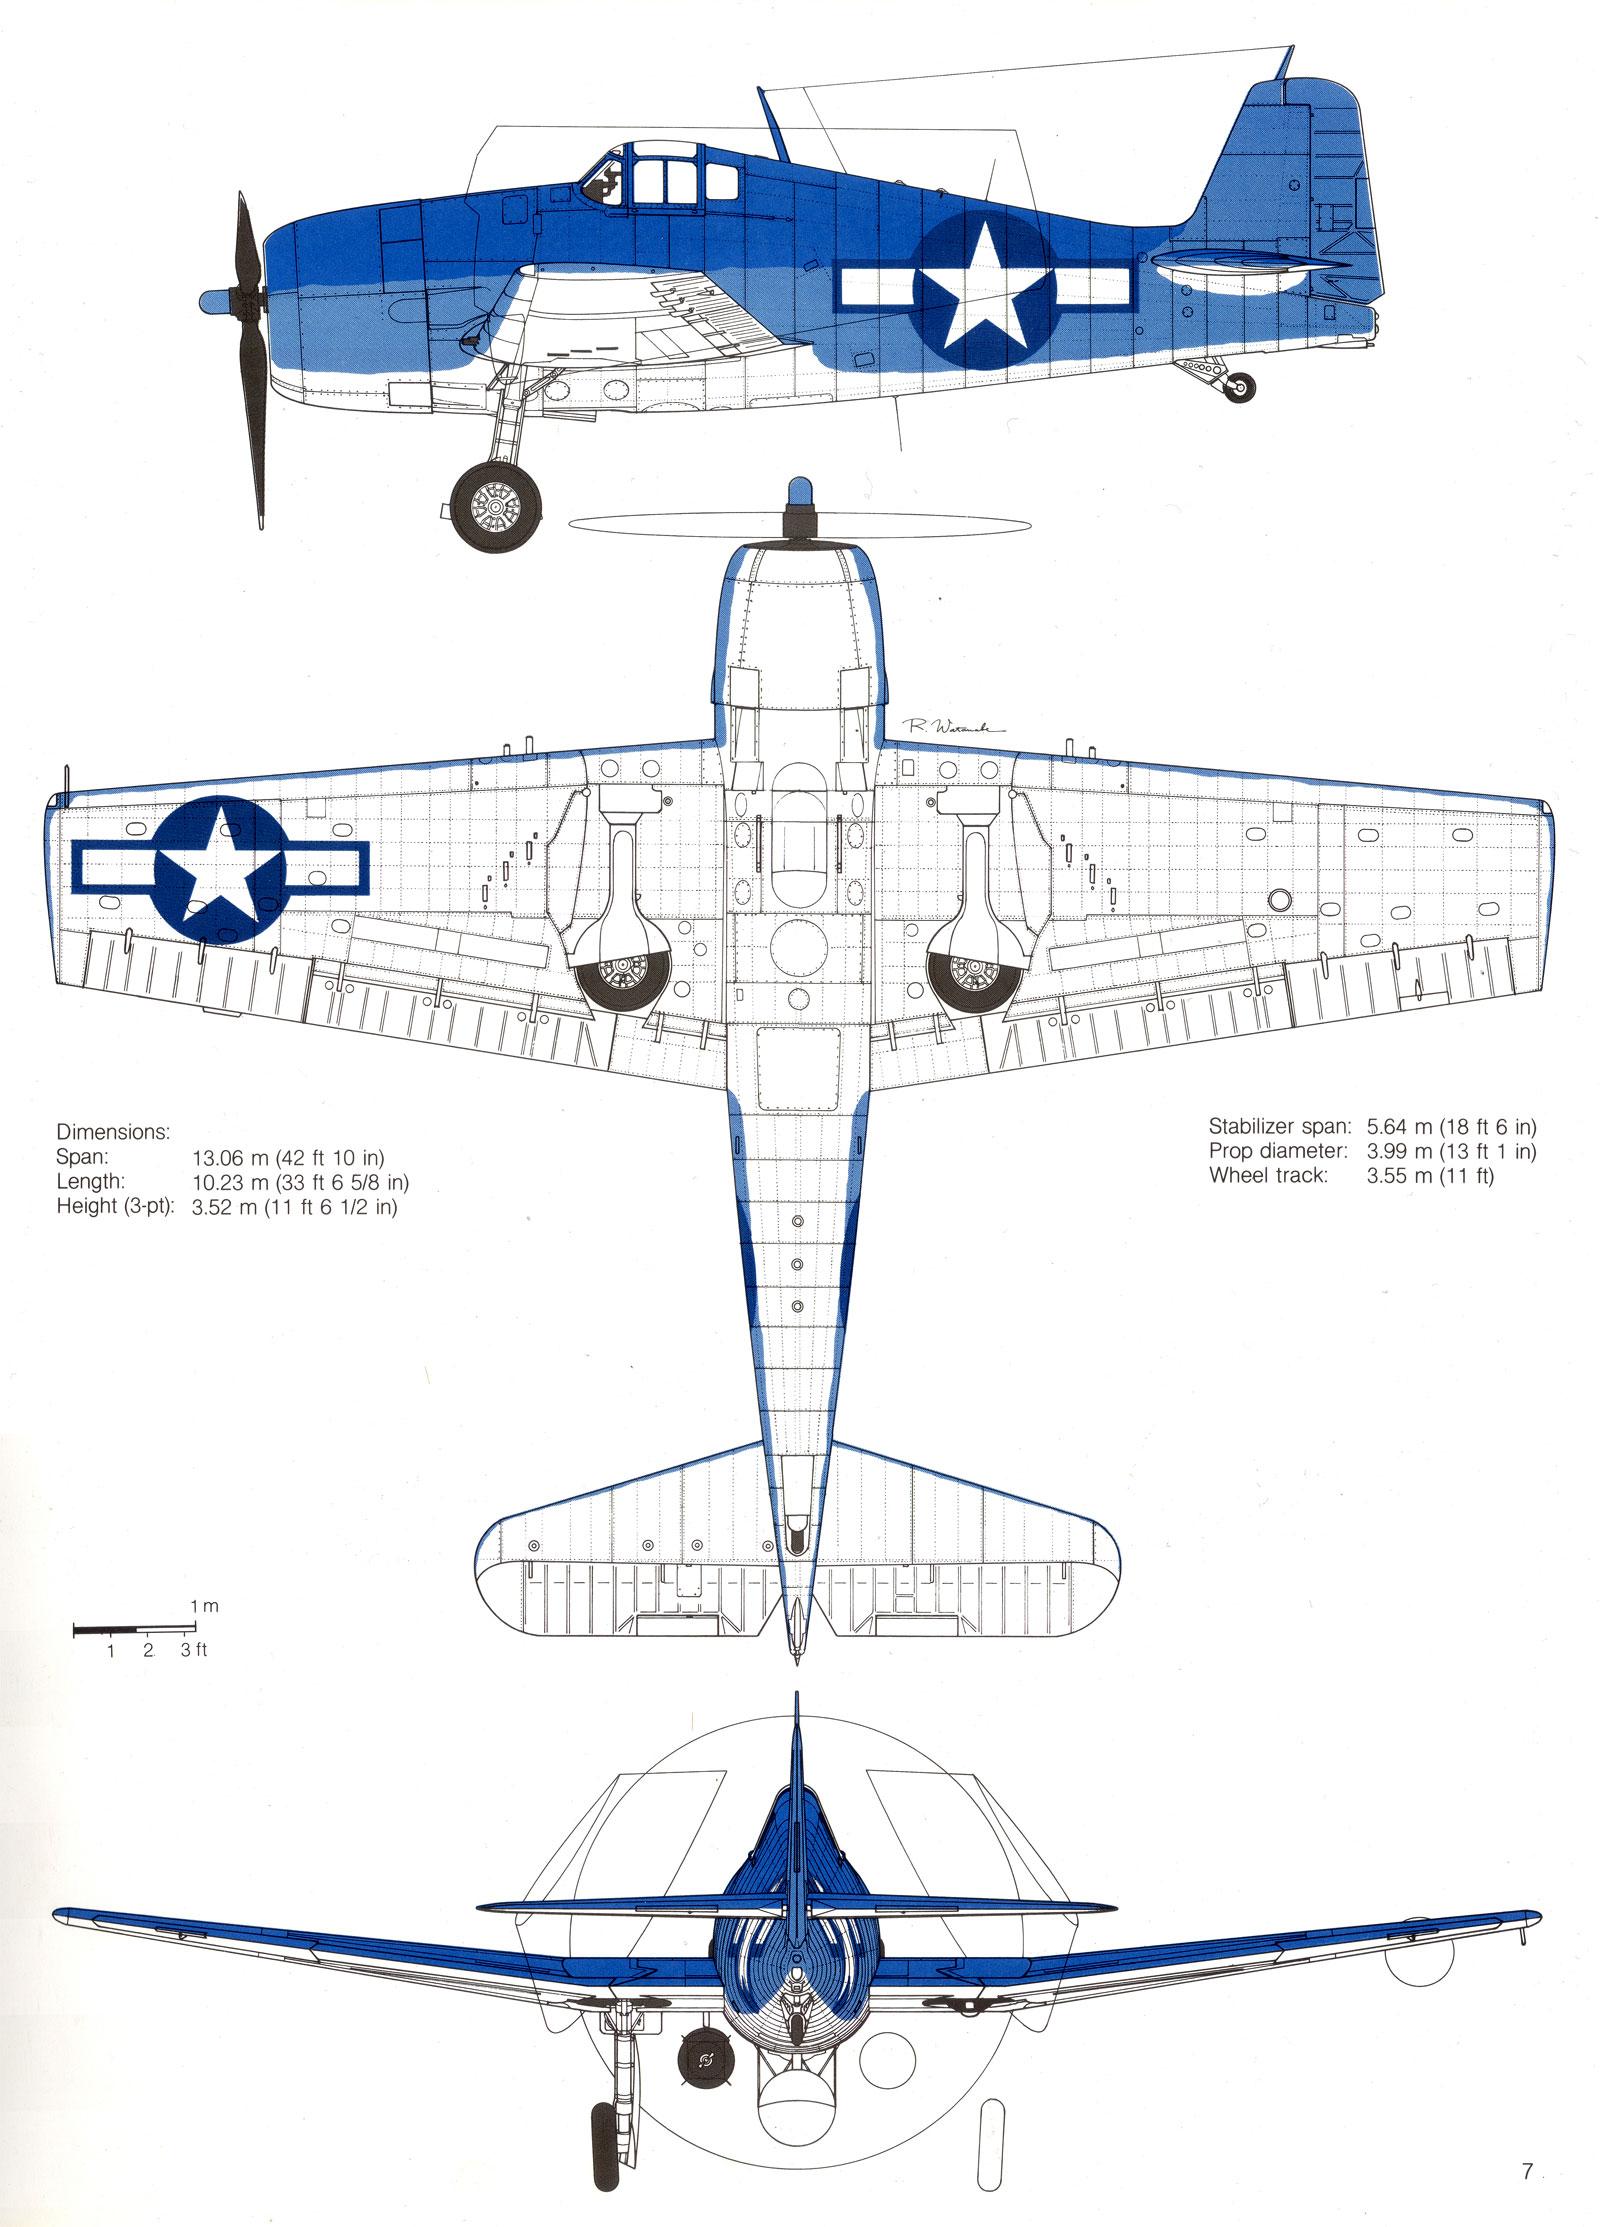 Grumman F6F 3 Hellcat showing standard three tone camouflage 0B